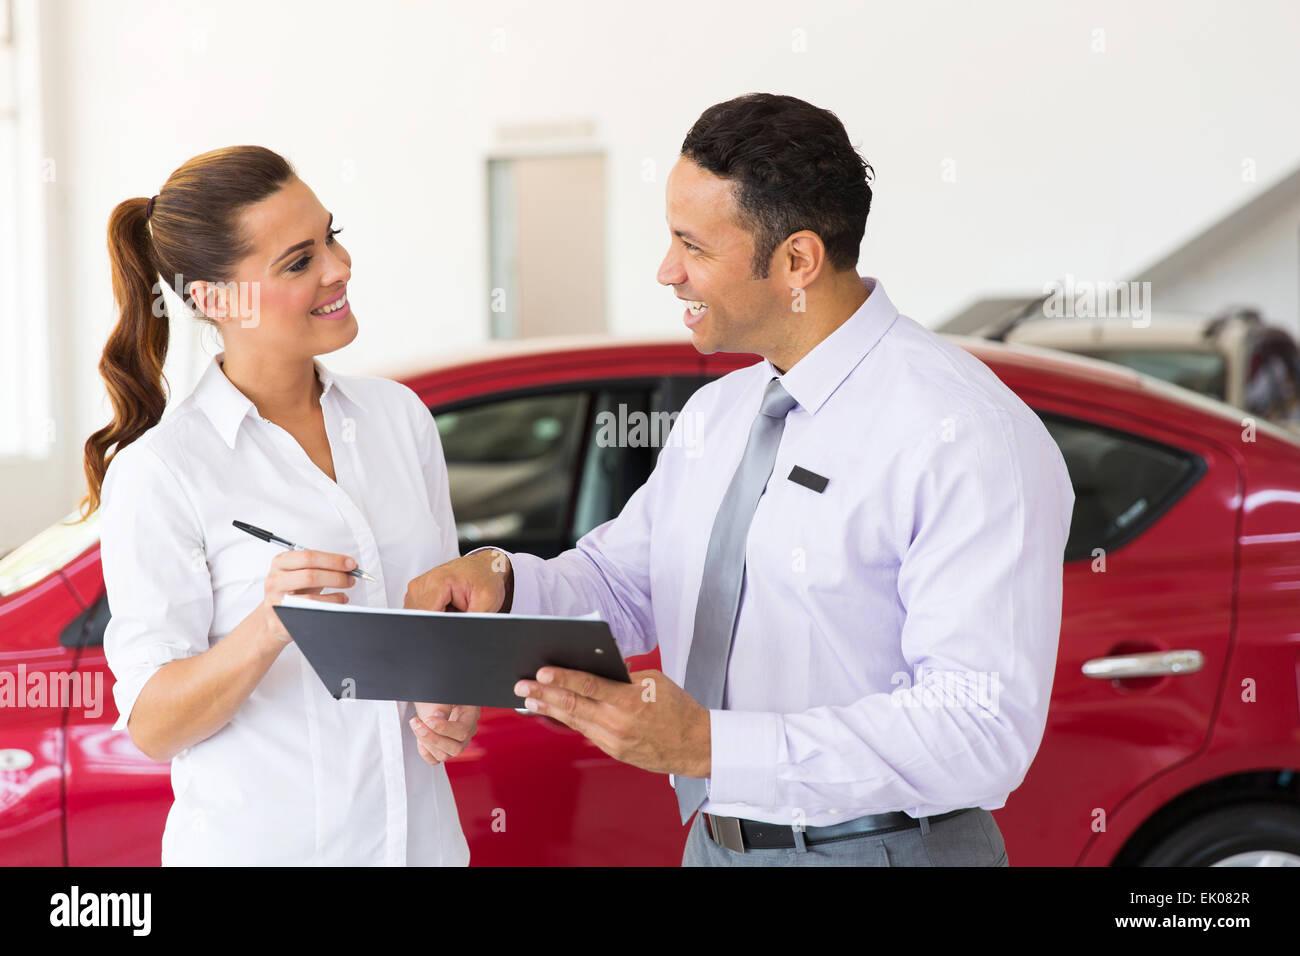 Amable vendedor de coches de mediana edad que acaba de hacer una venta a clientes jóvenes Imagen De Stock